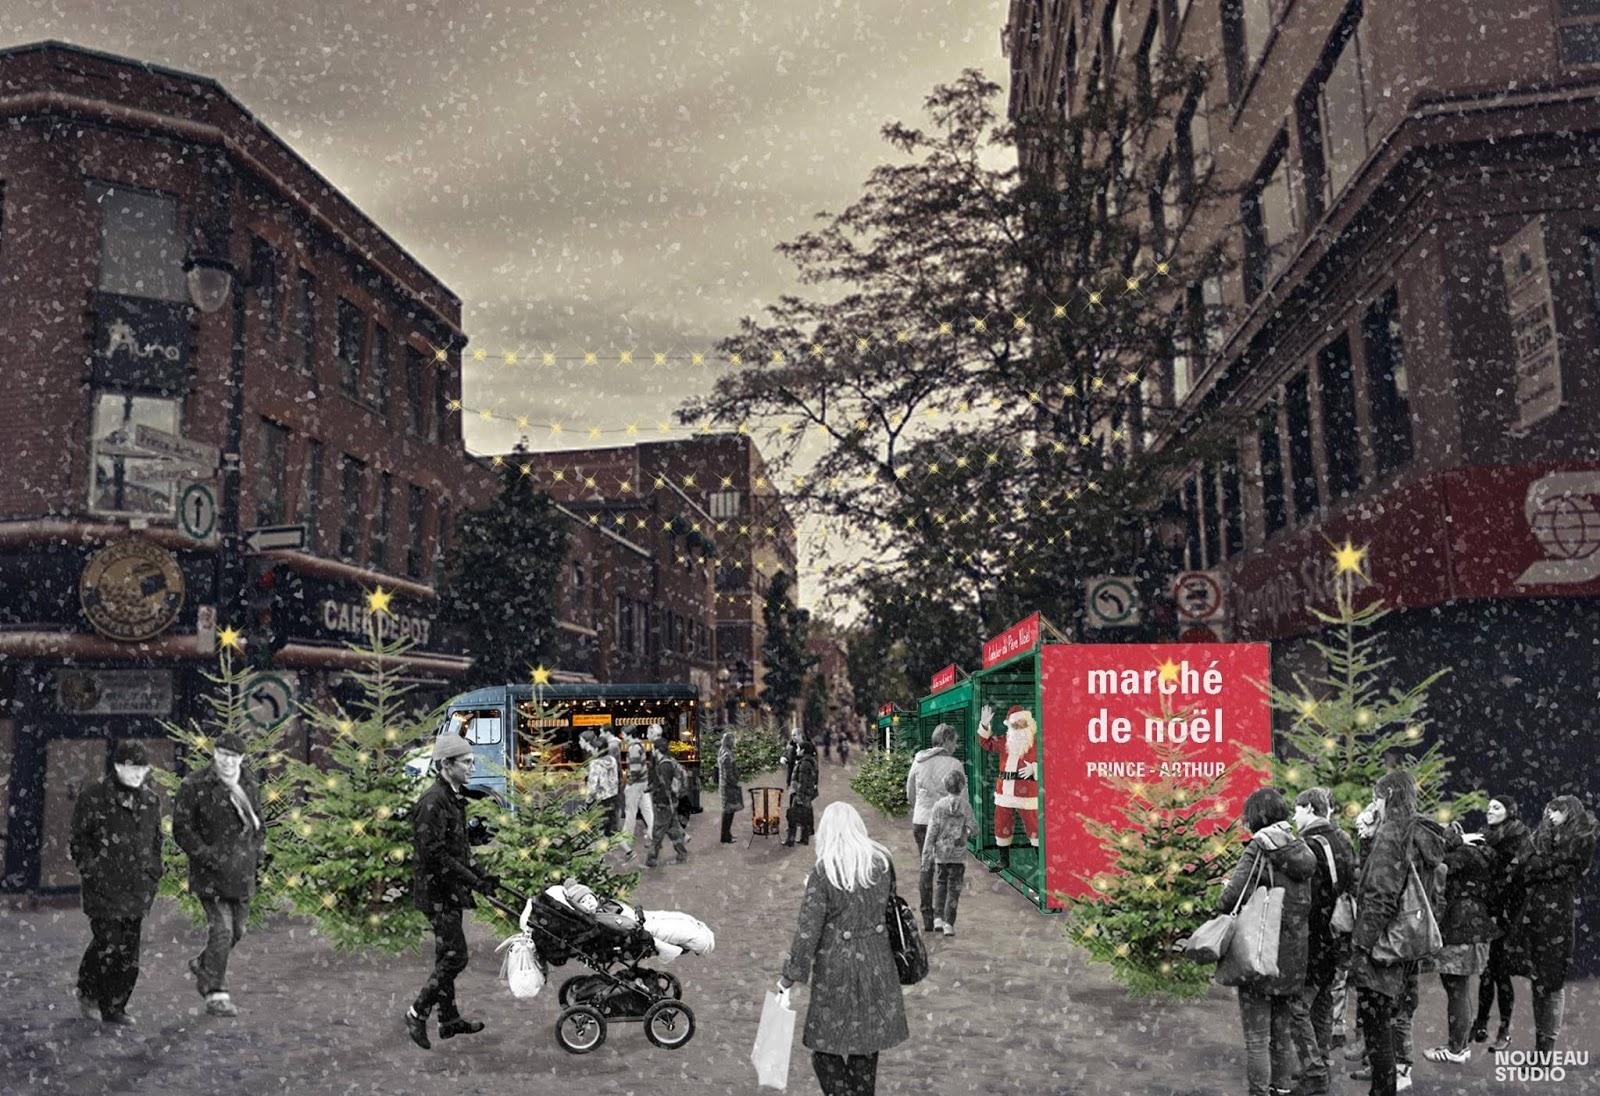 marché de noel montreal 2018 prince arthur Quoi faire en décembre à Montréal   Notre Montréalité marché de noel montreal 2018 prince arthur